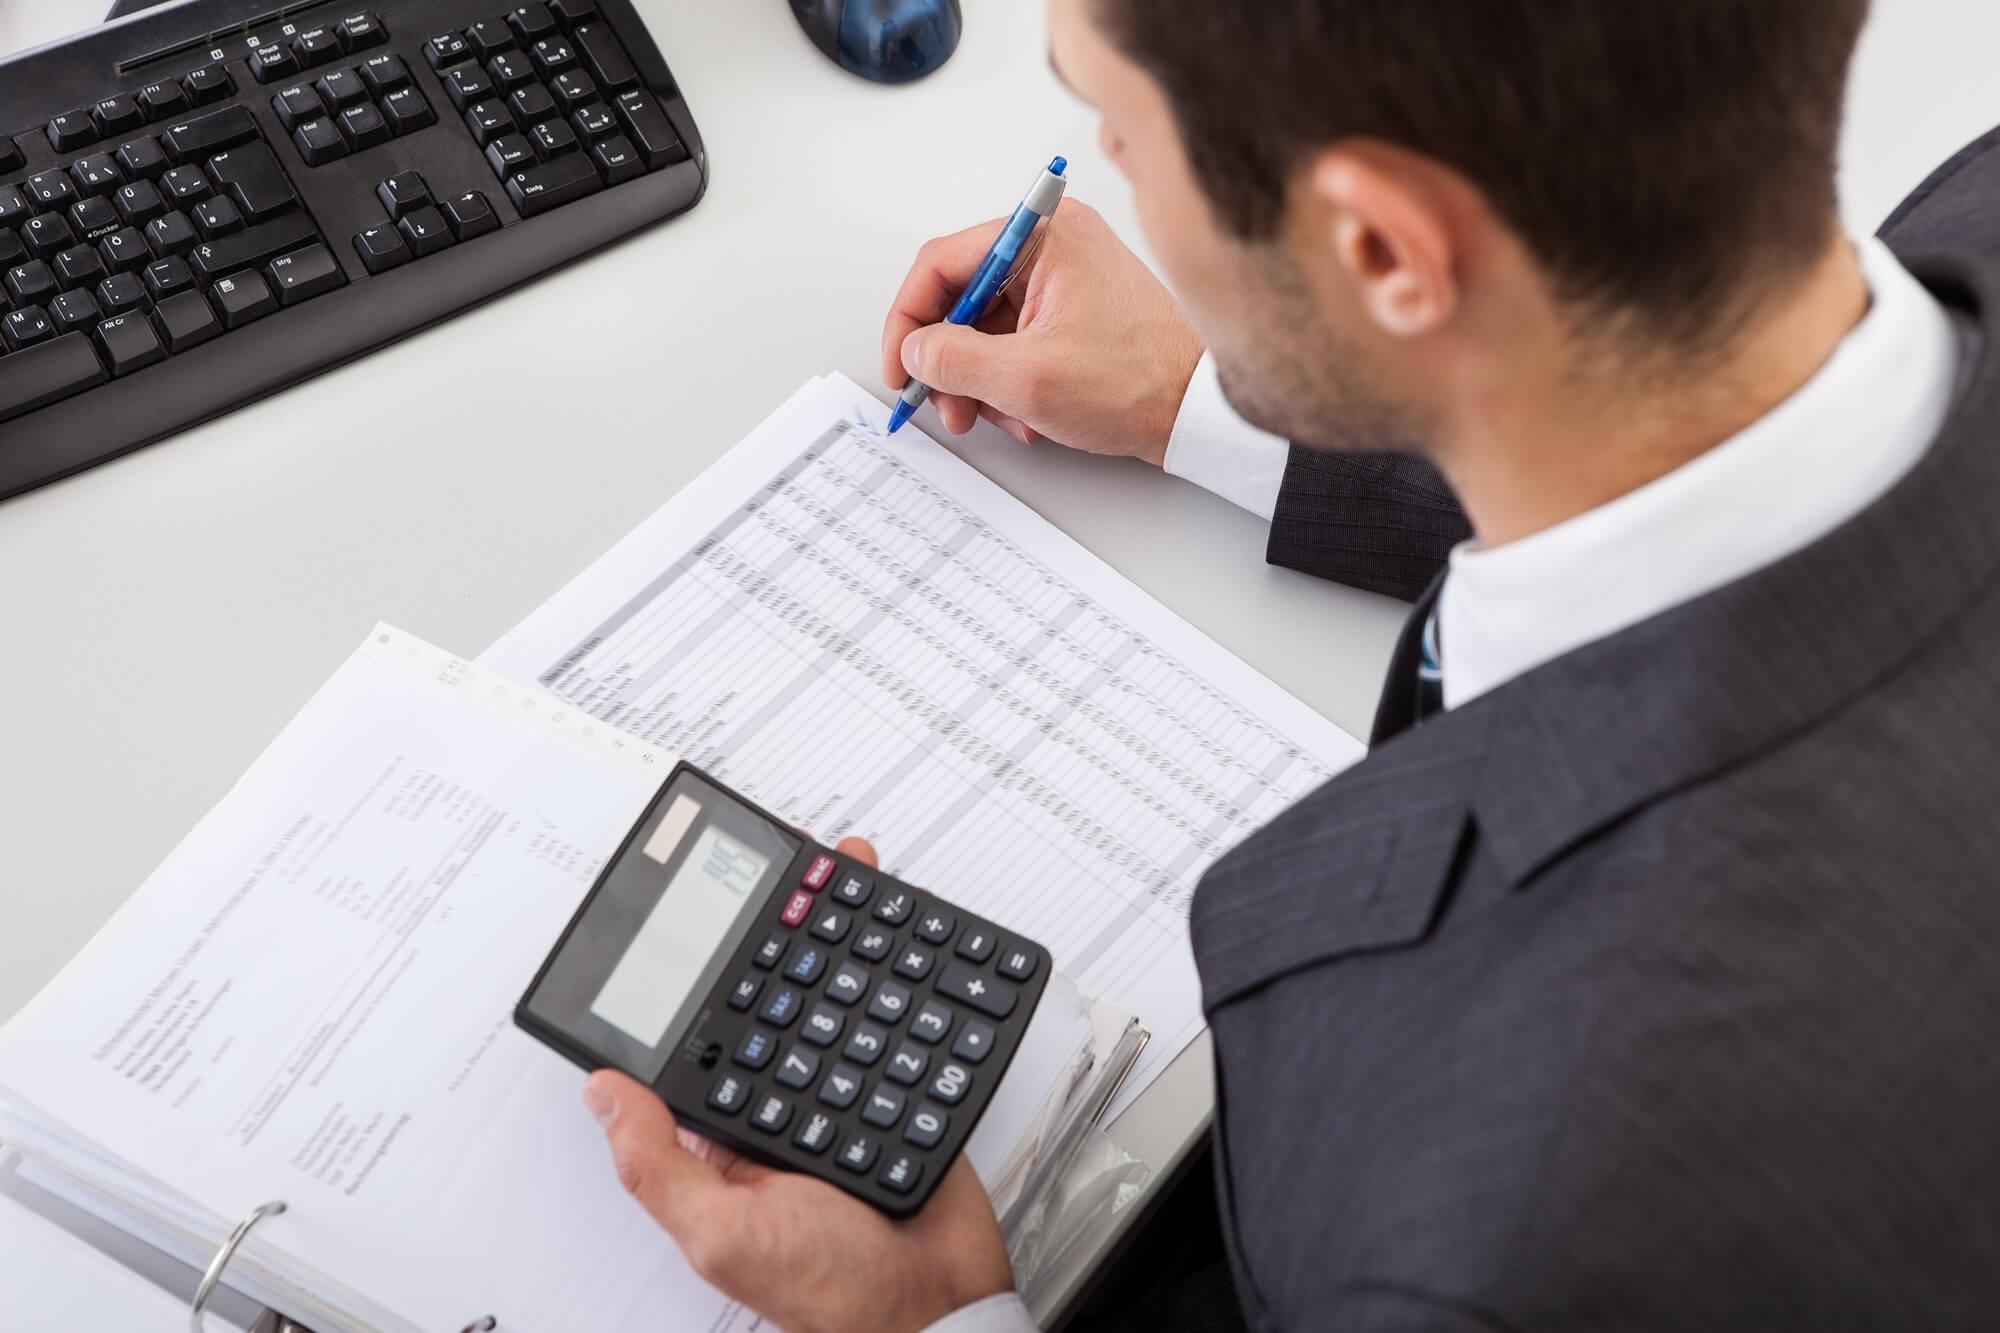 Rezydencja Podatkowa Podstawowe Informacje Smeo